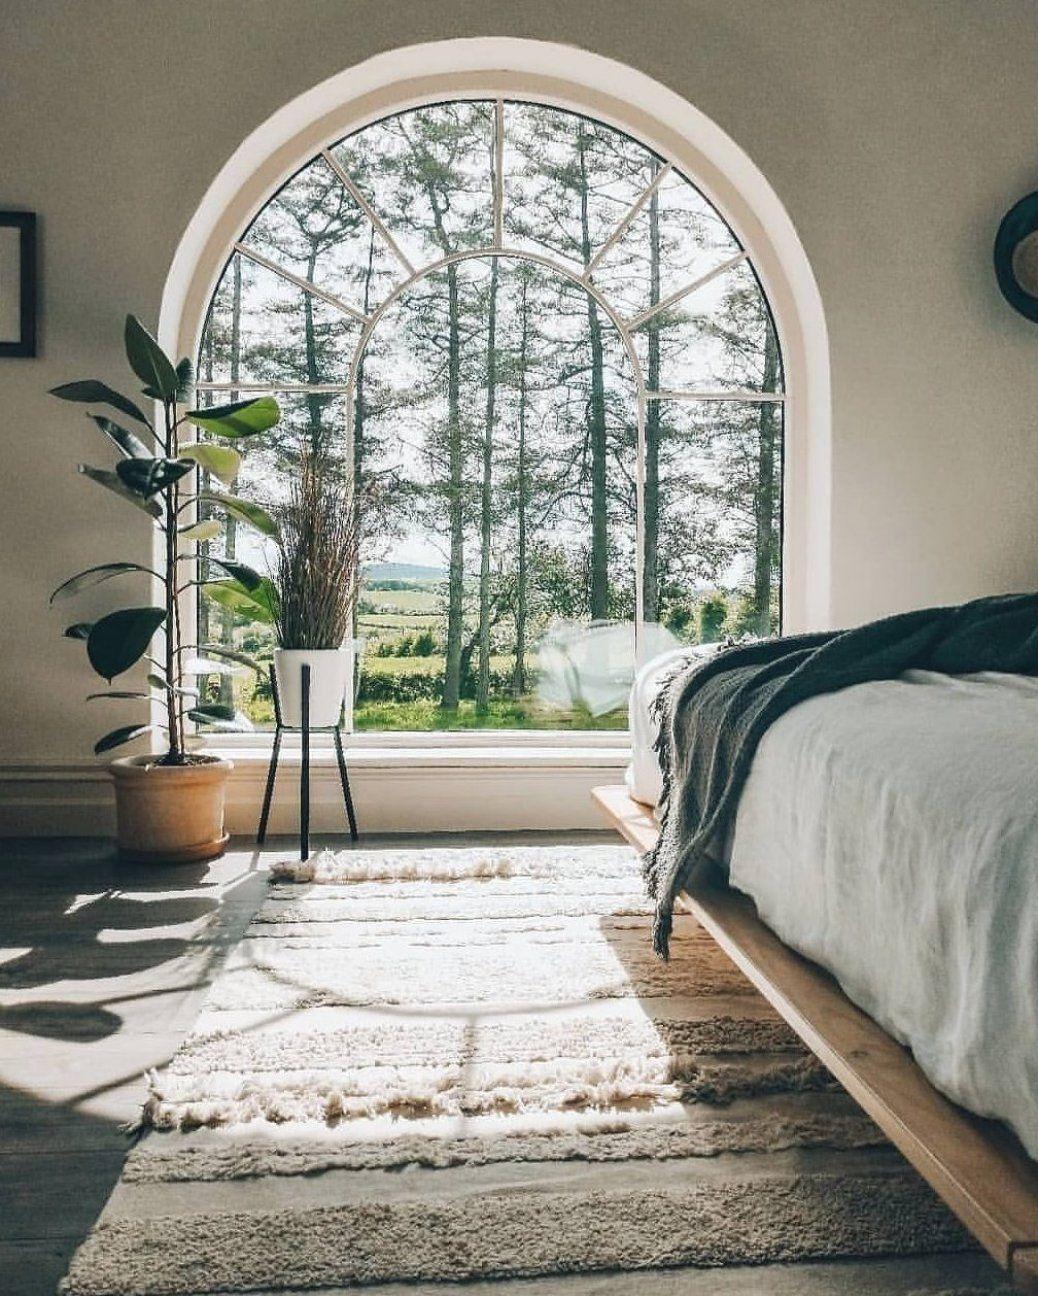 evdekorasyonfikirleri  evdekoru  evi  in  evi  mekanlar    dekorasyonfikirleri  dekorasyon  evoturmaodas    tasar  mevler  decor  decoratingideas #